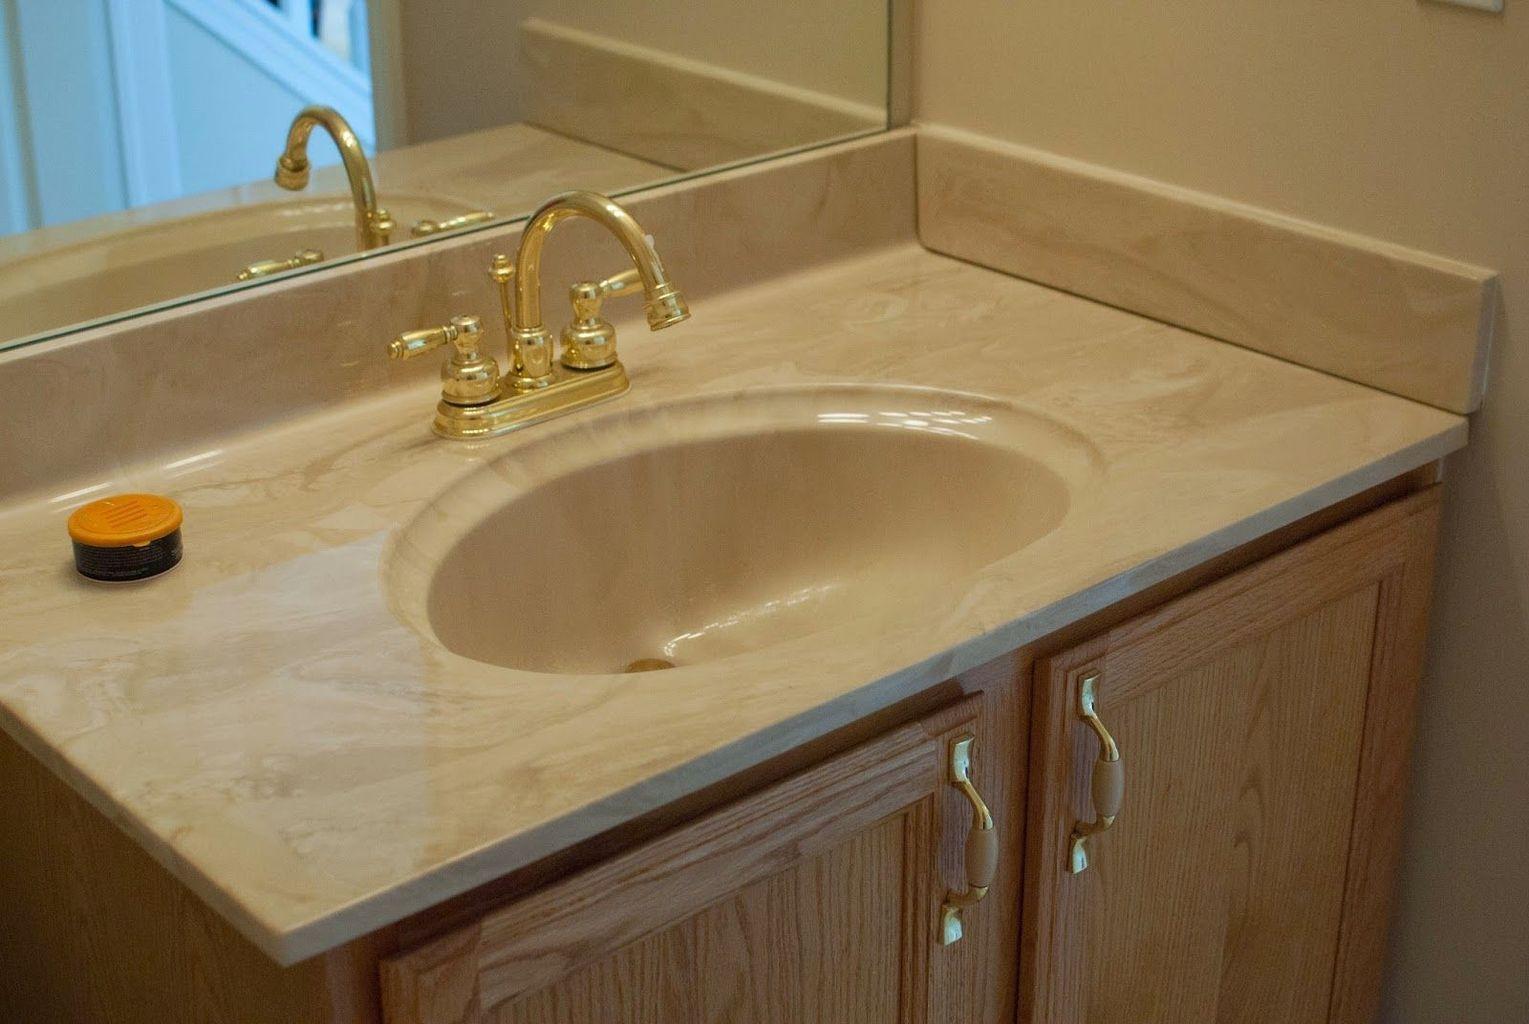 30 Sinkless Bathroom Vanities With Images Bathroom Vanity